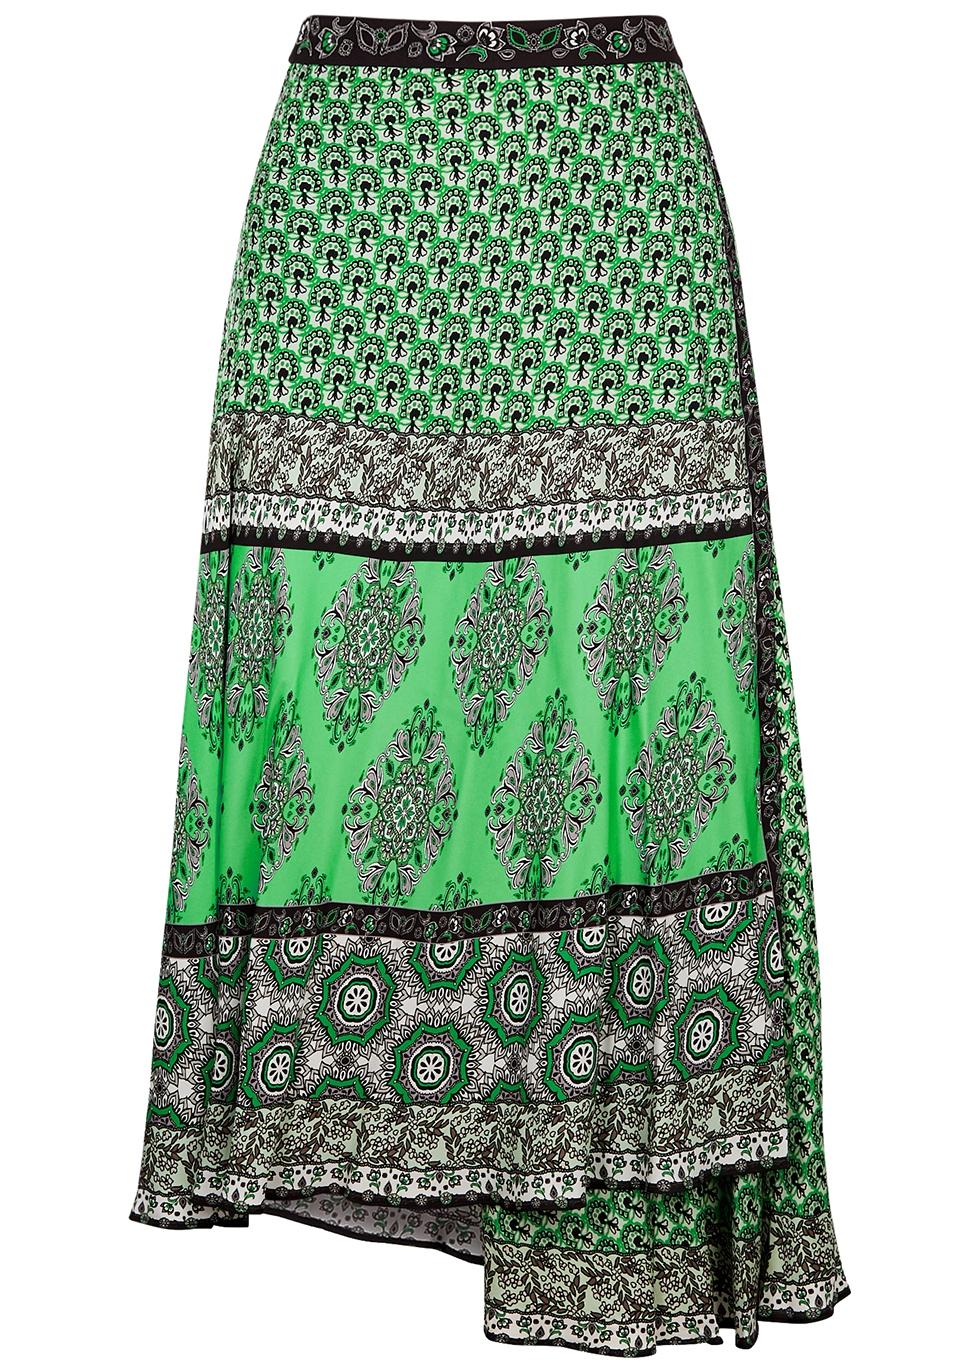 Nanette printed satin midi skirt